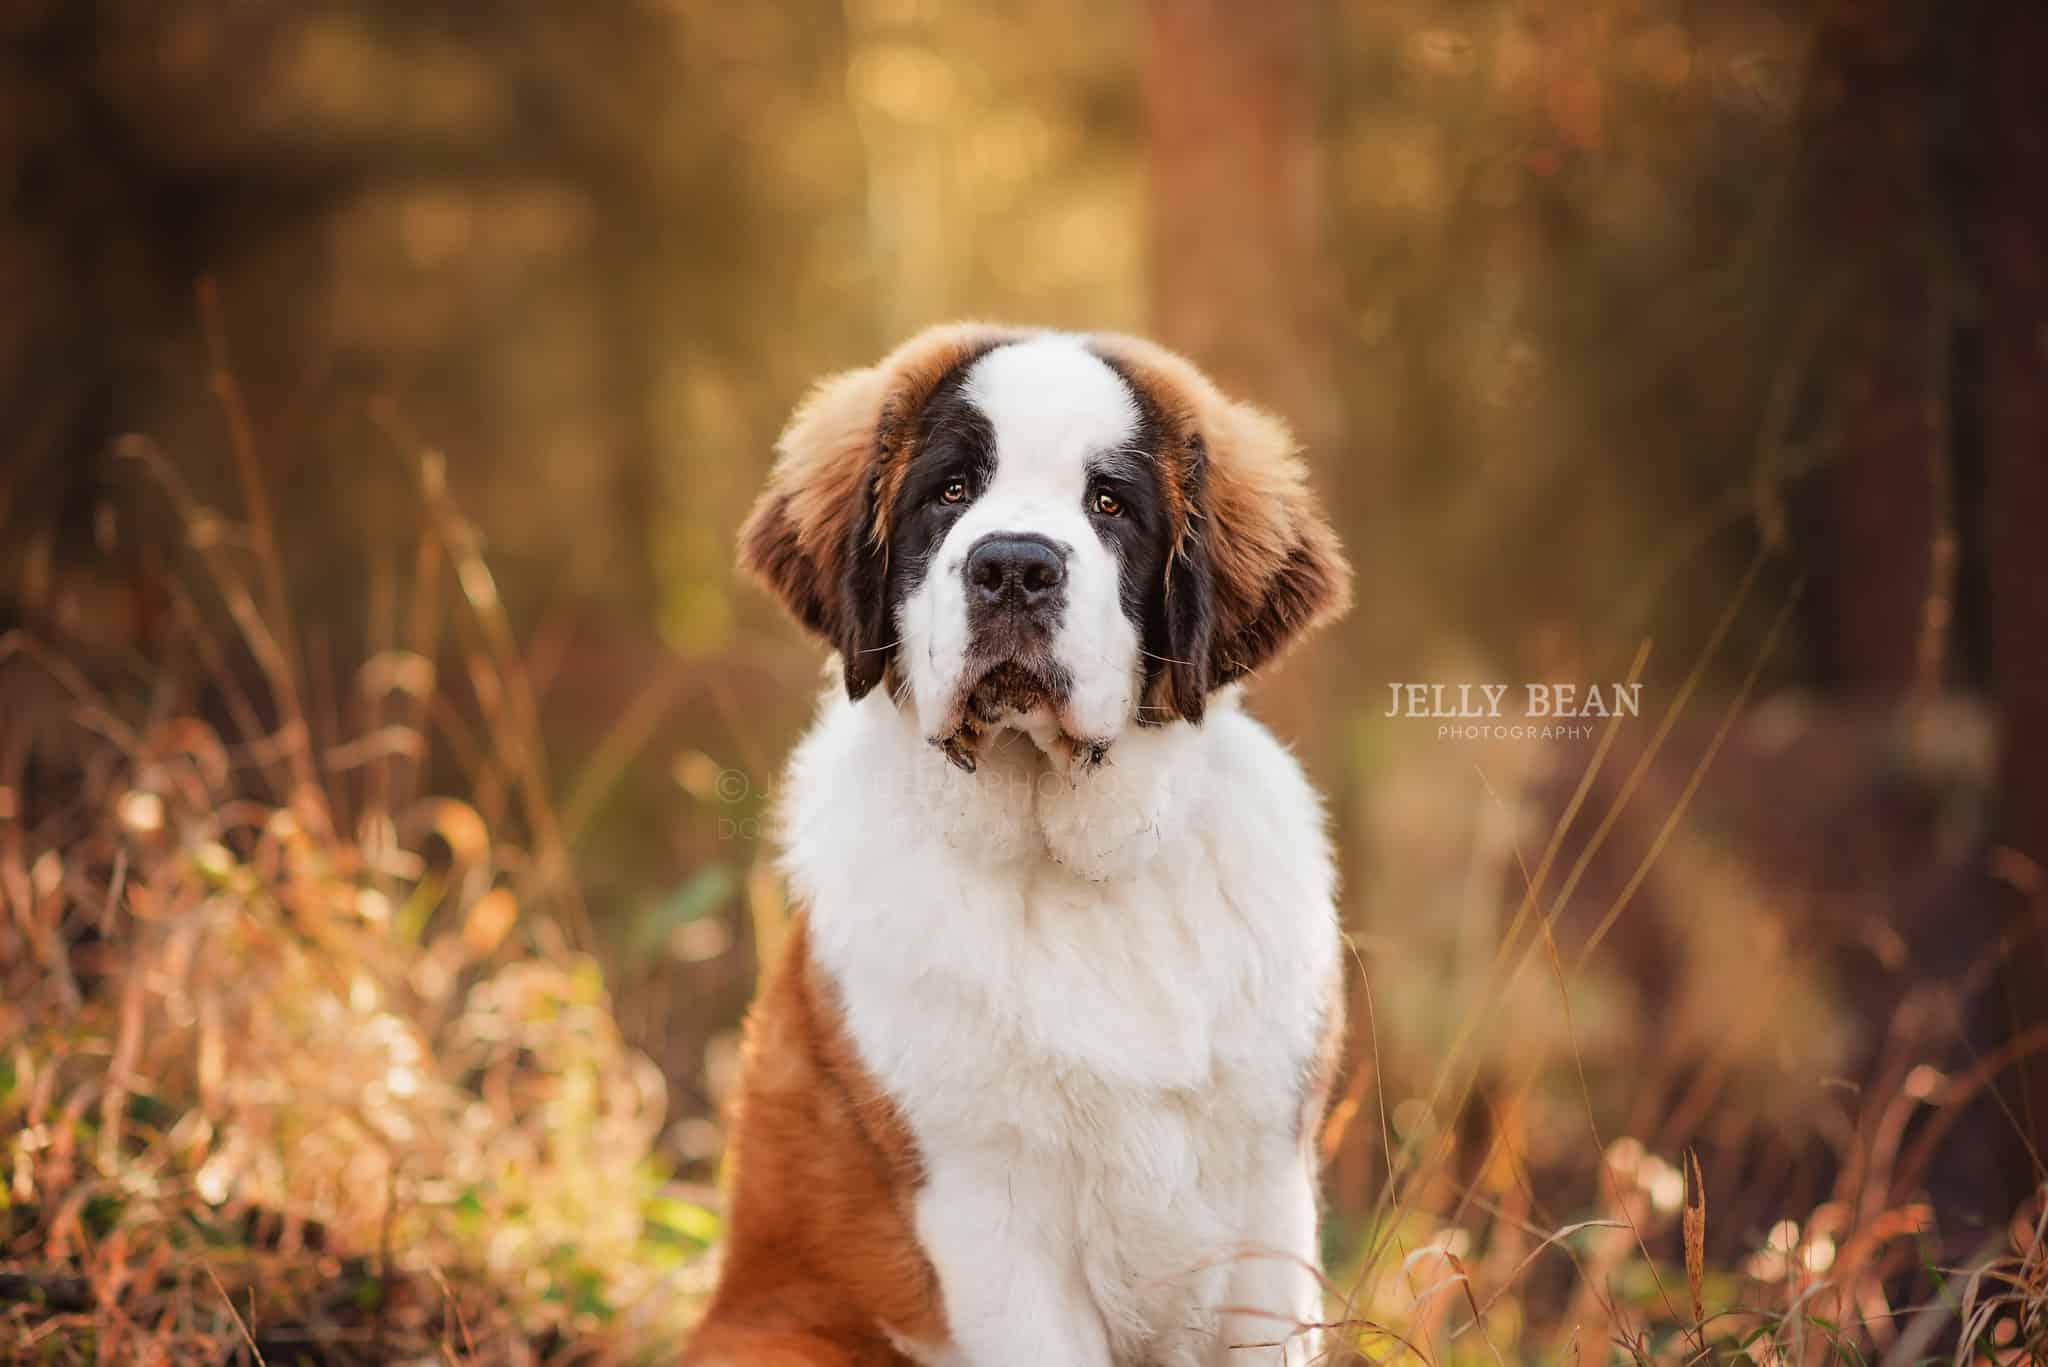 St Bernard puppy portrait